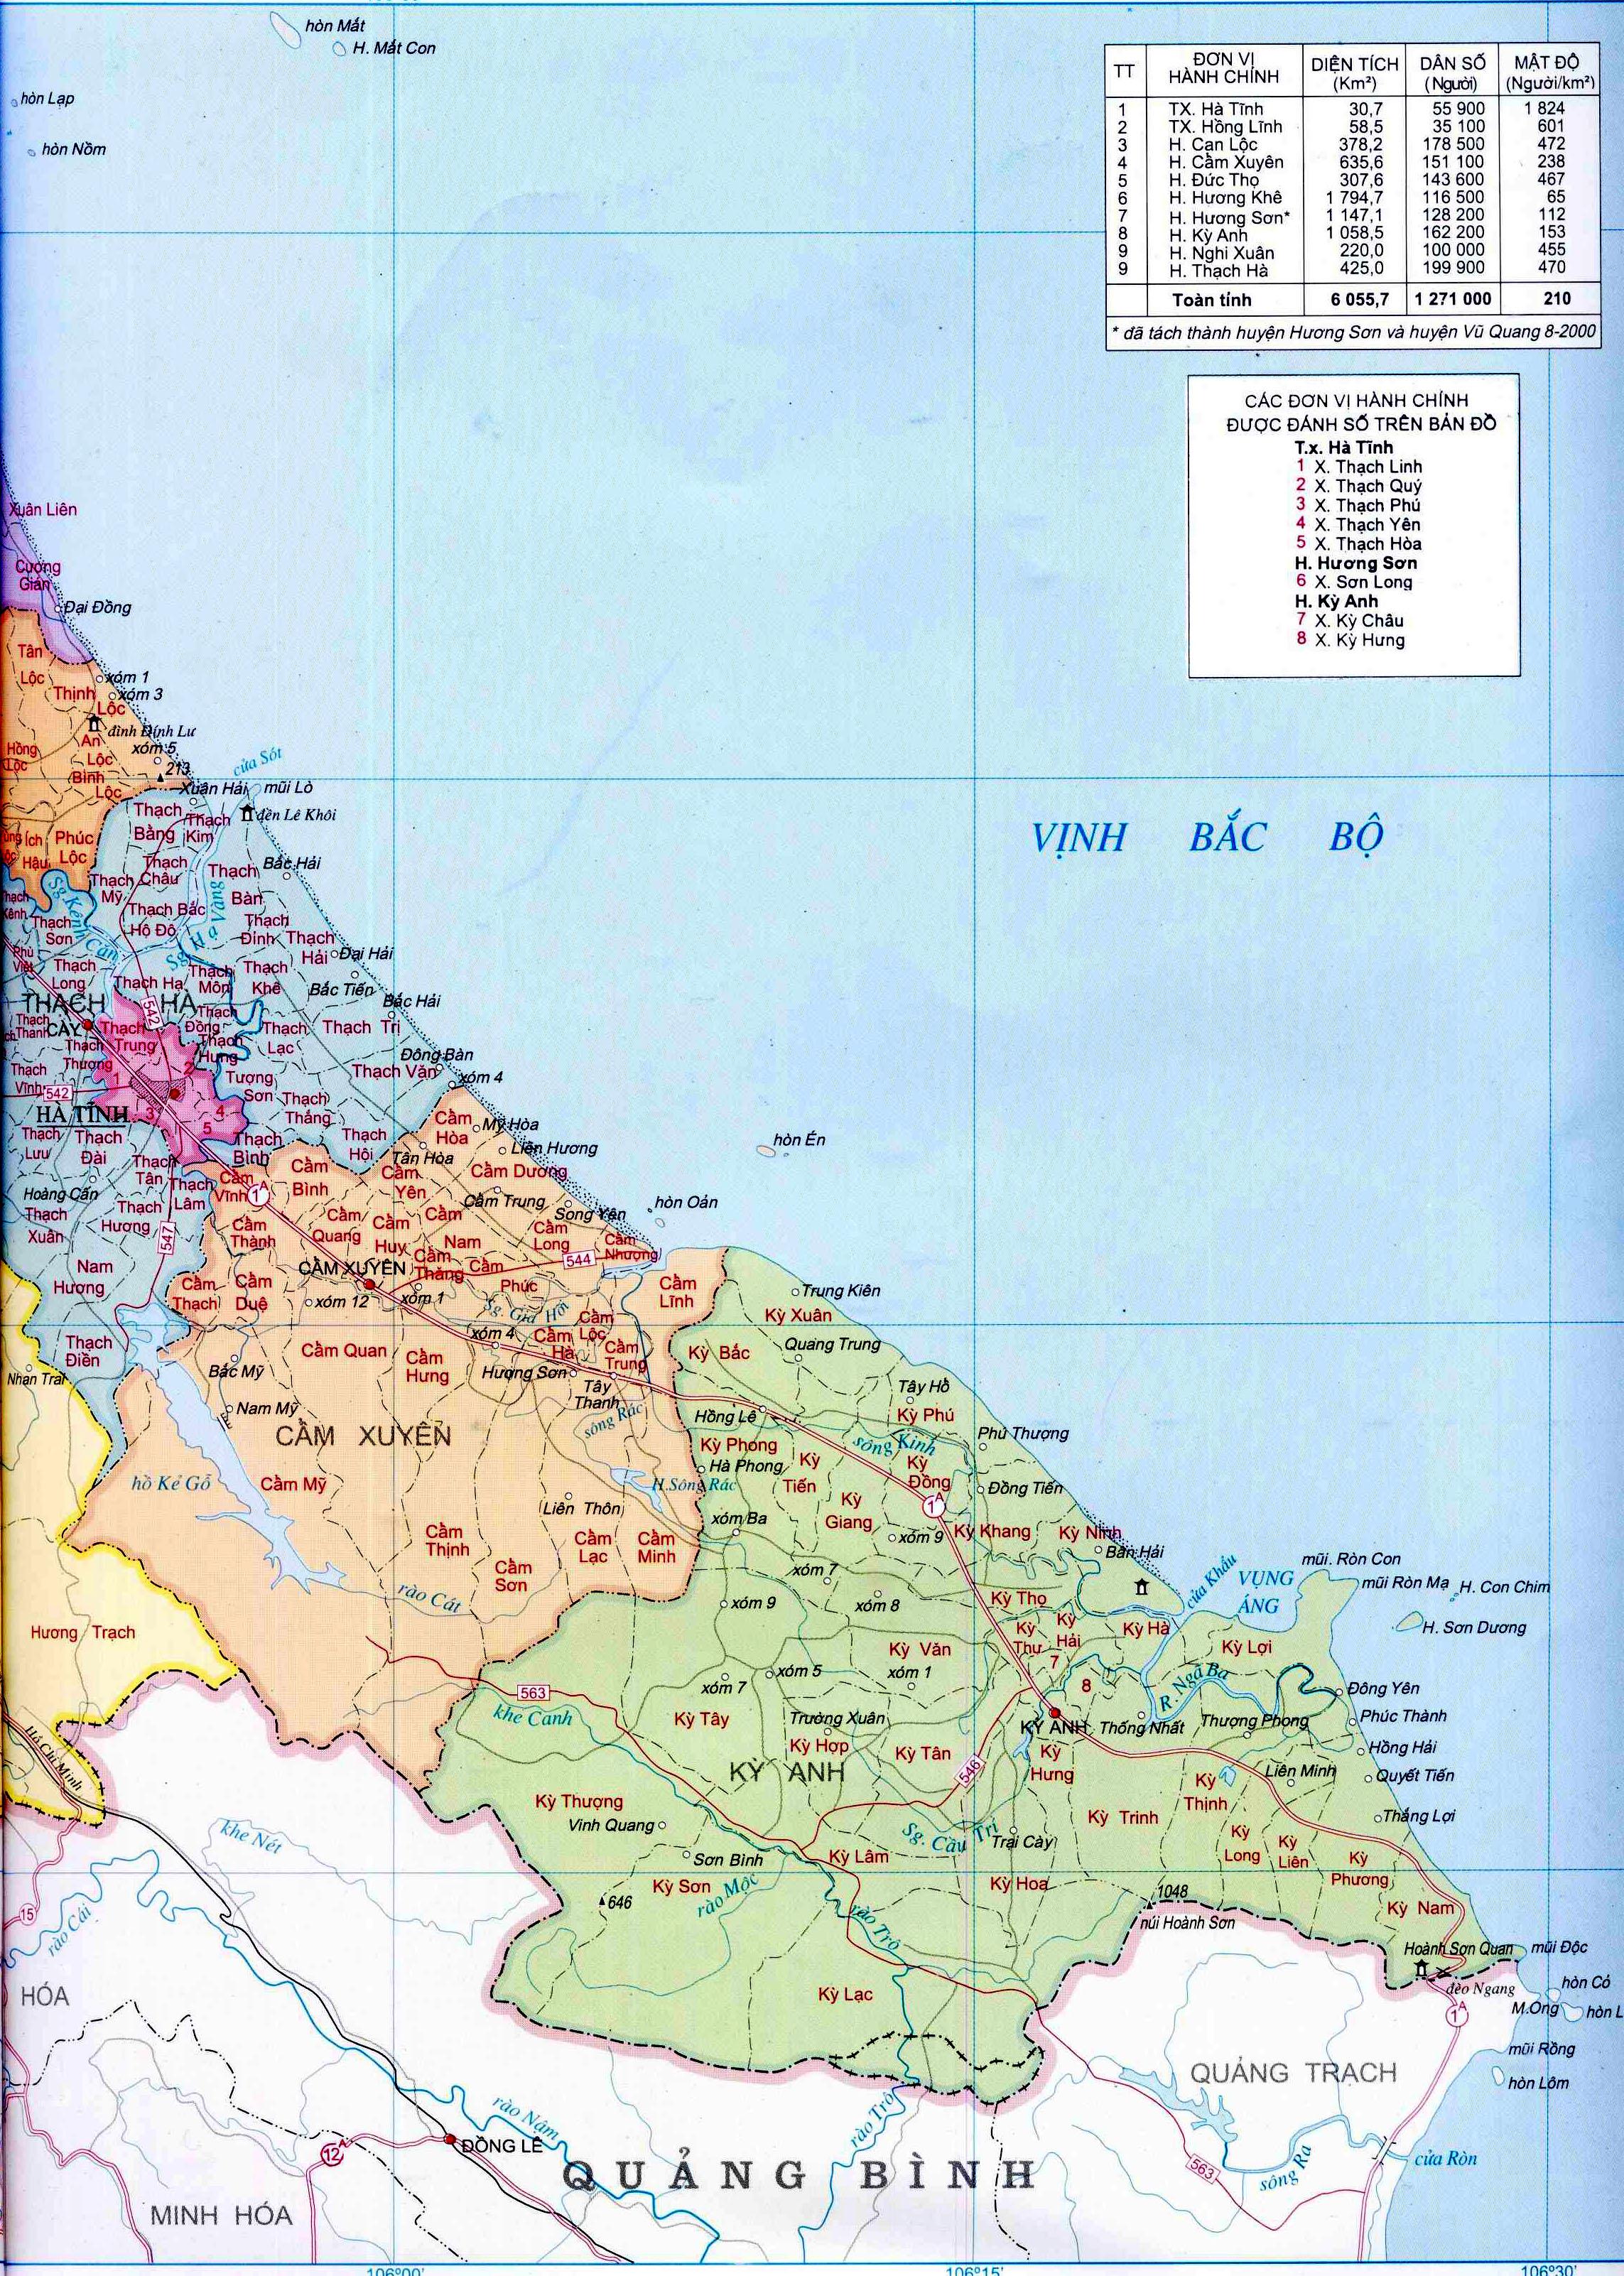 Bản đồ hành chính tỉnh Hà Tĩnh (Trang 1)